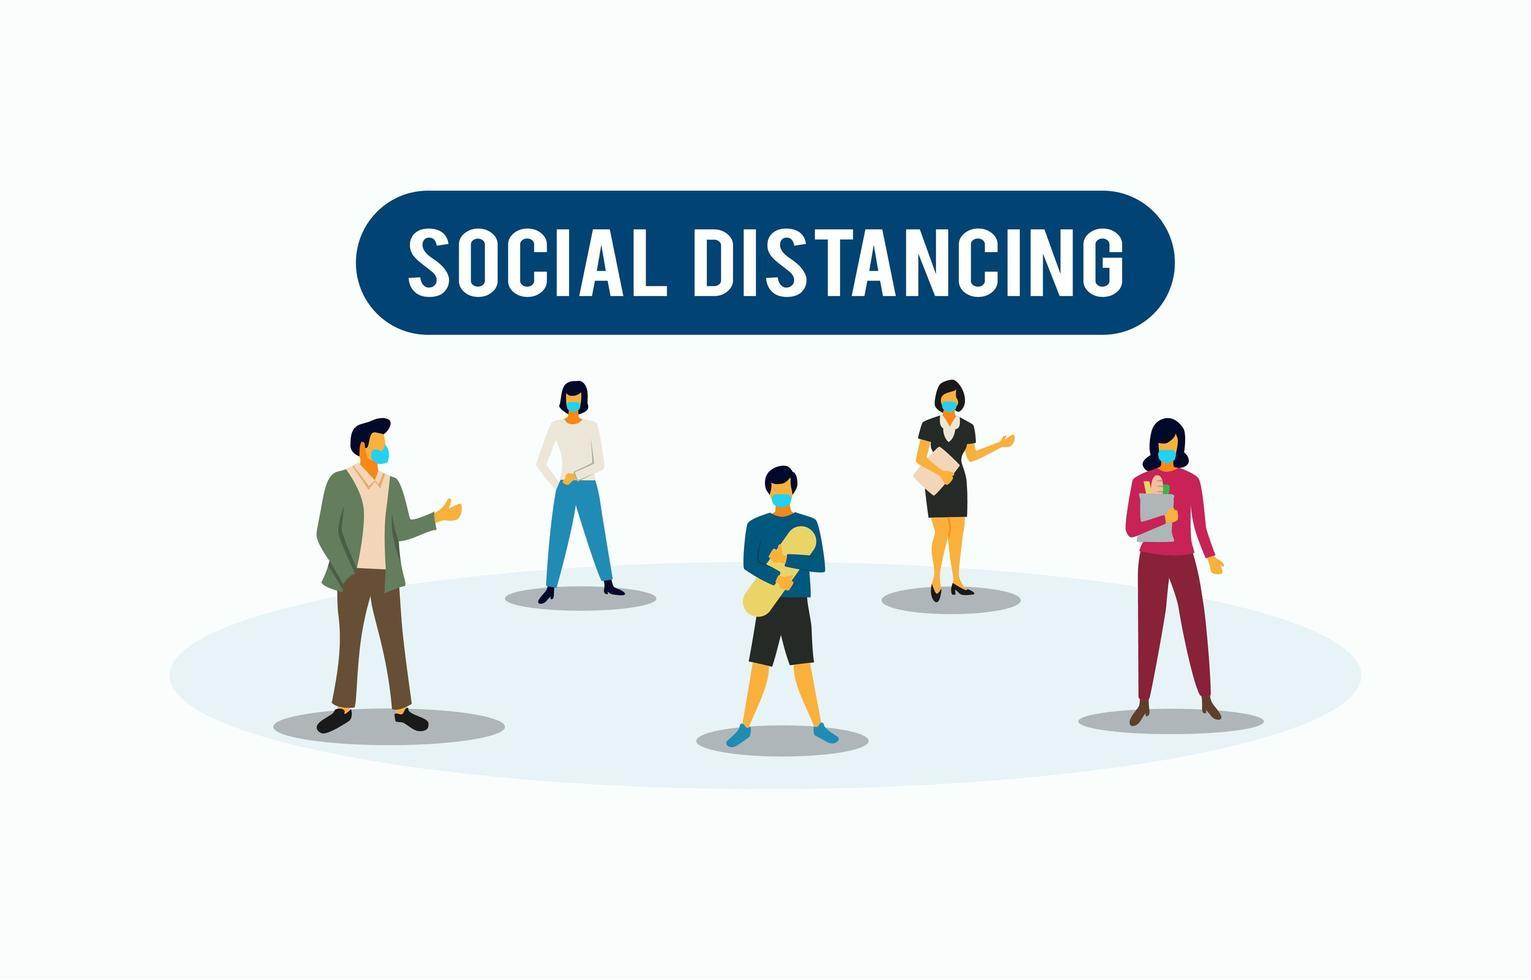 distanciamiento social al coronavirus vector